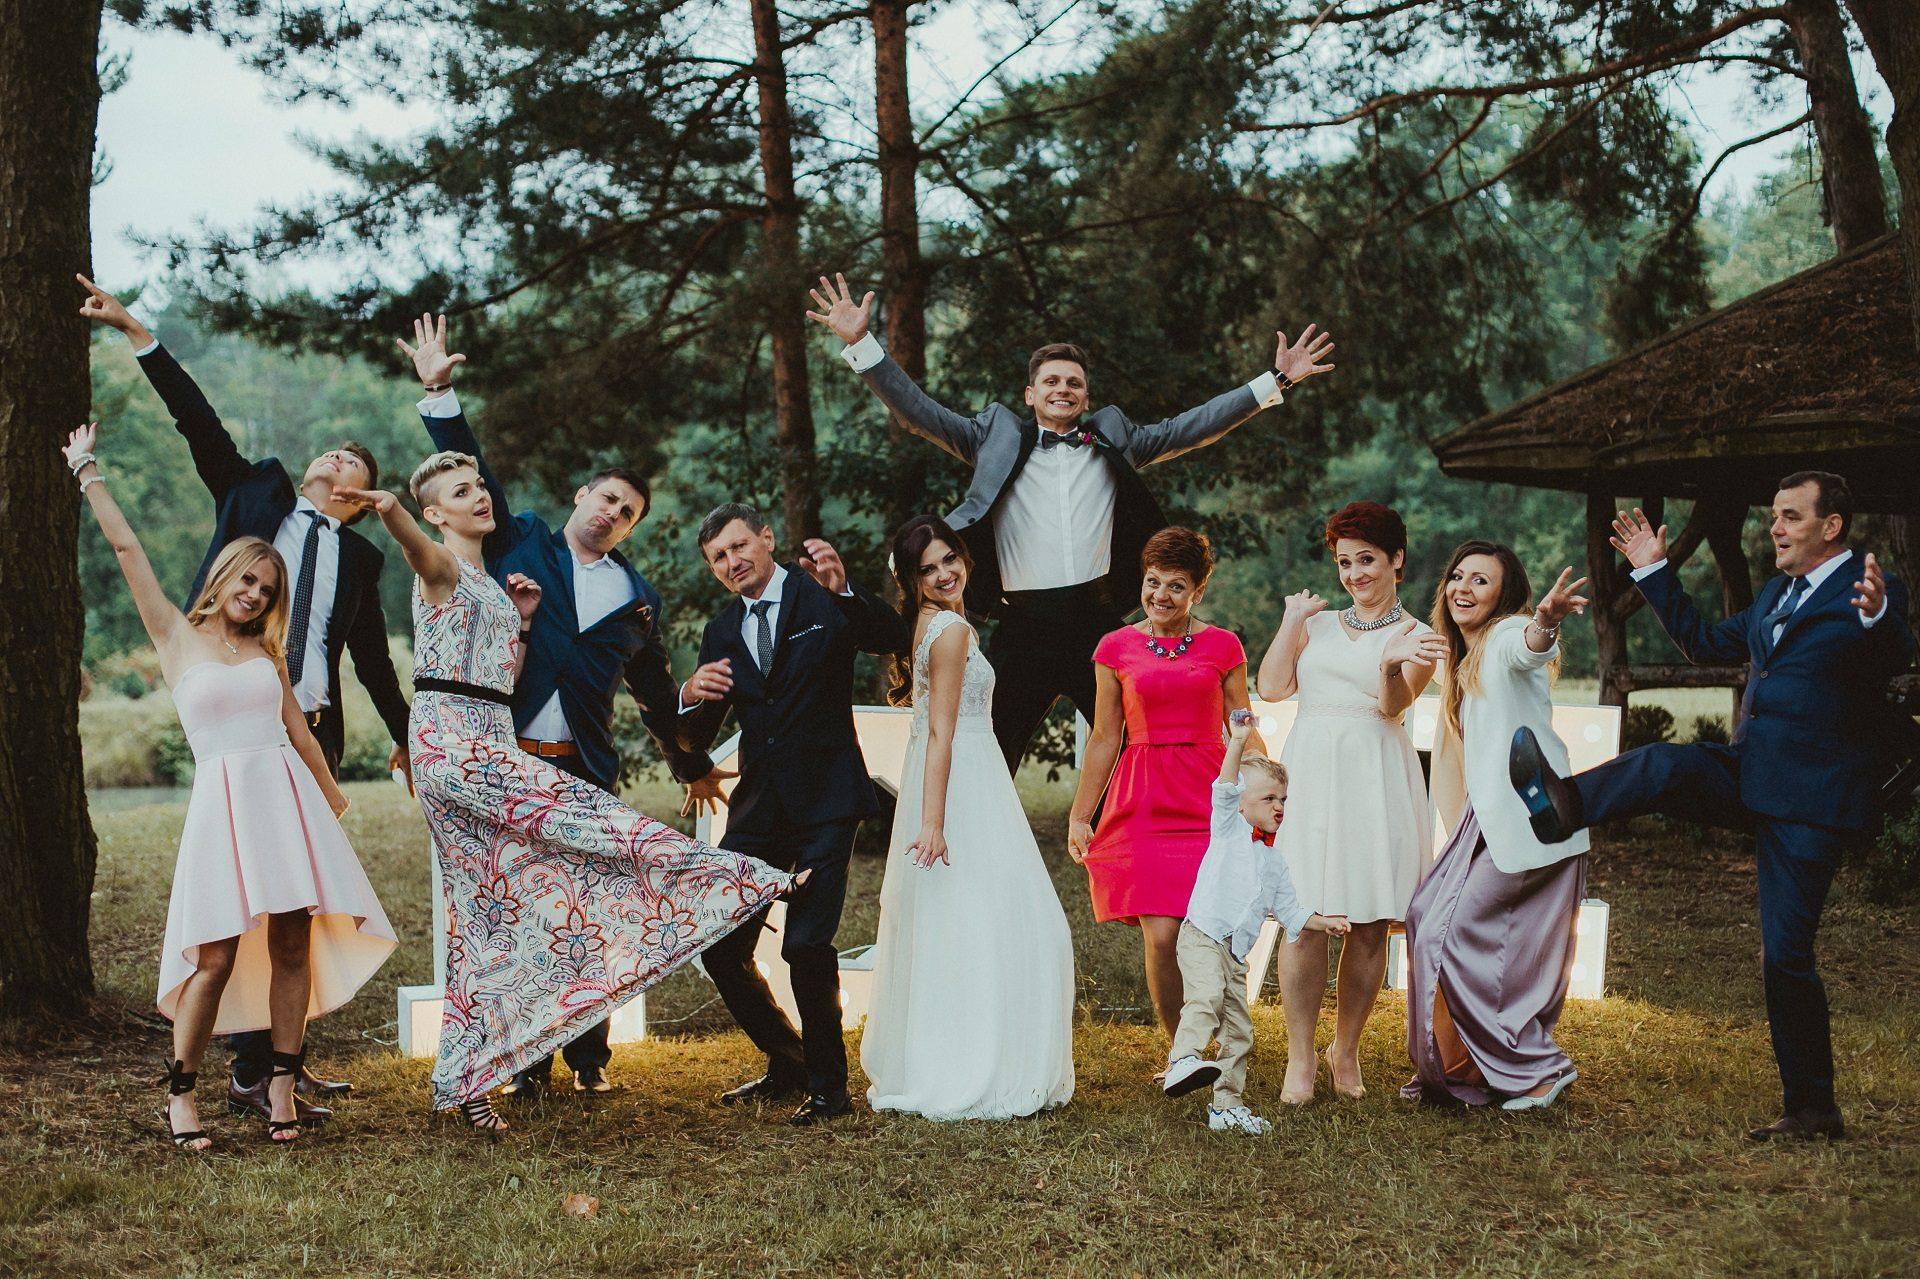 Sesja zdjęciowa z gośćmi na weselu